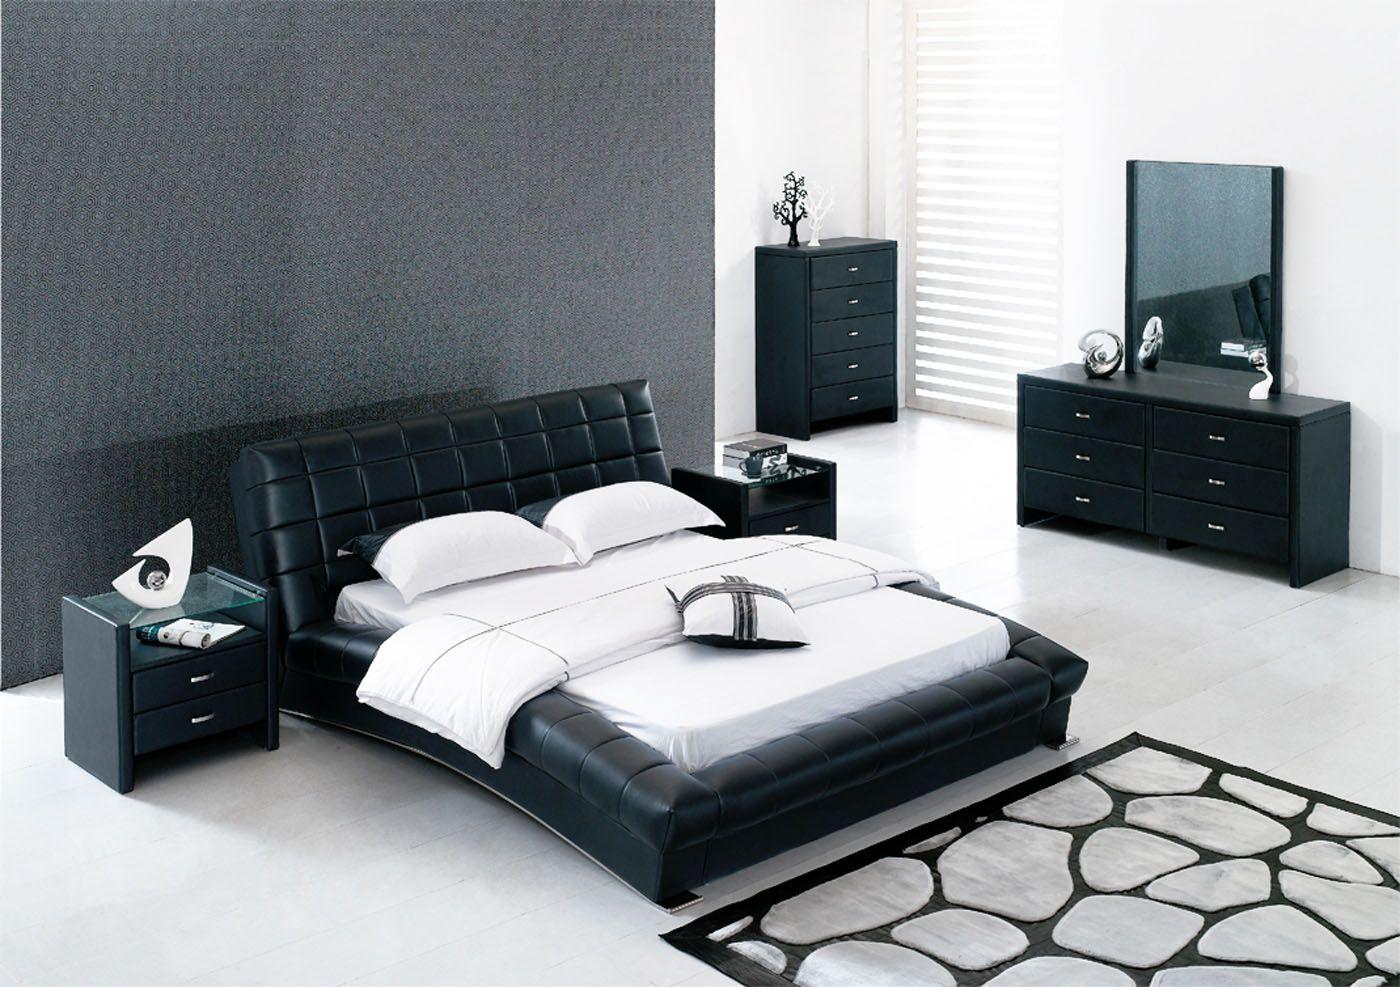 Bachelor Bedroom Sets. bachelors bedroom bachelor pad 6